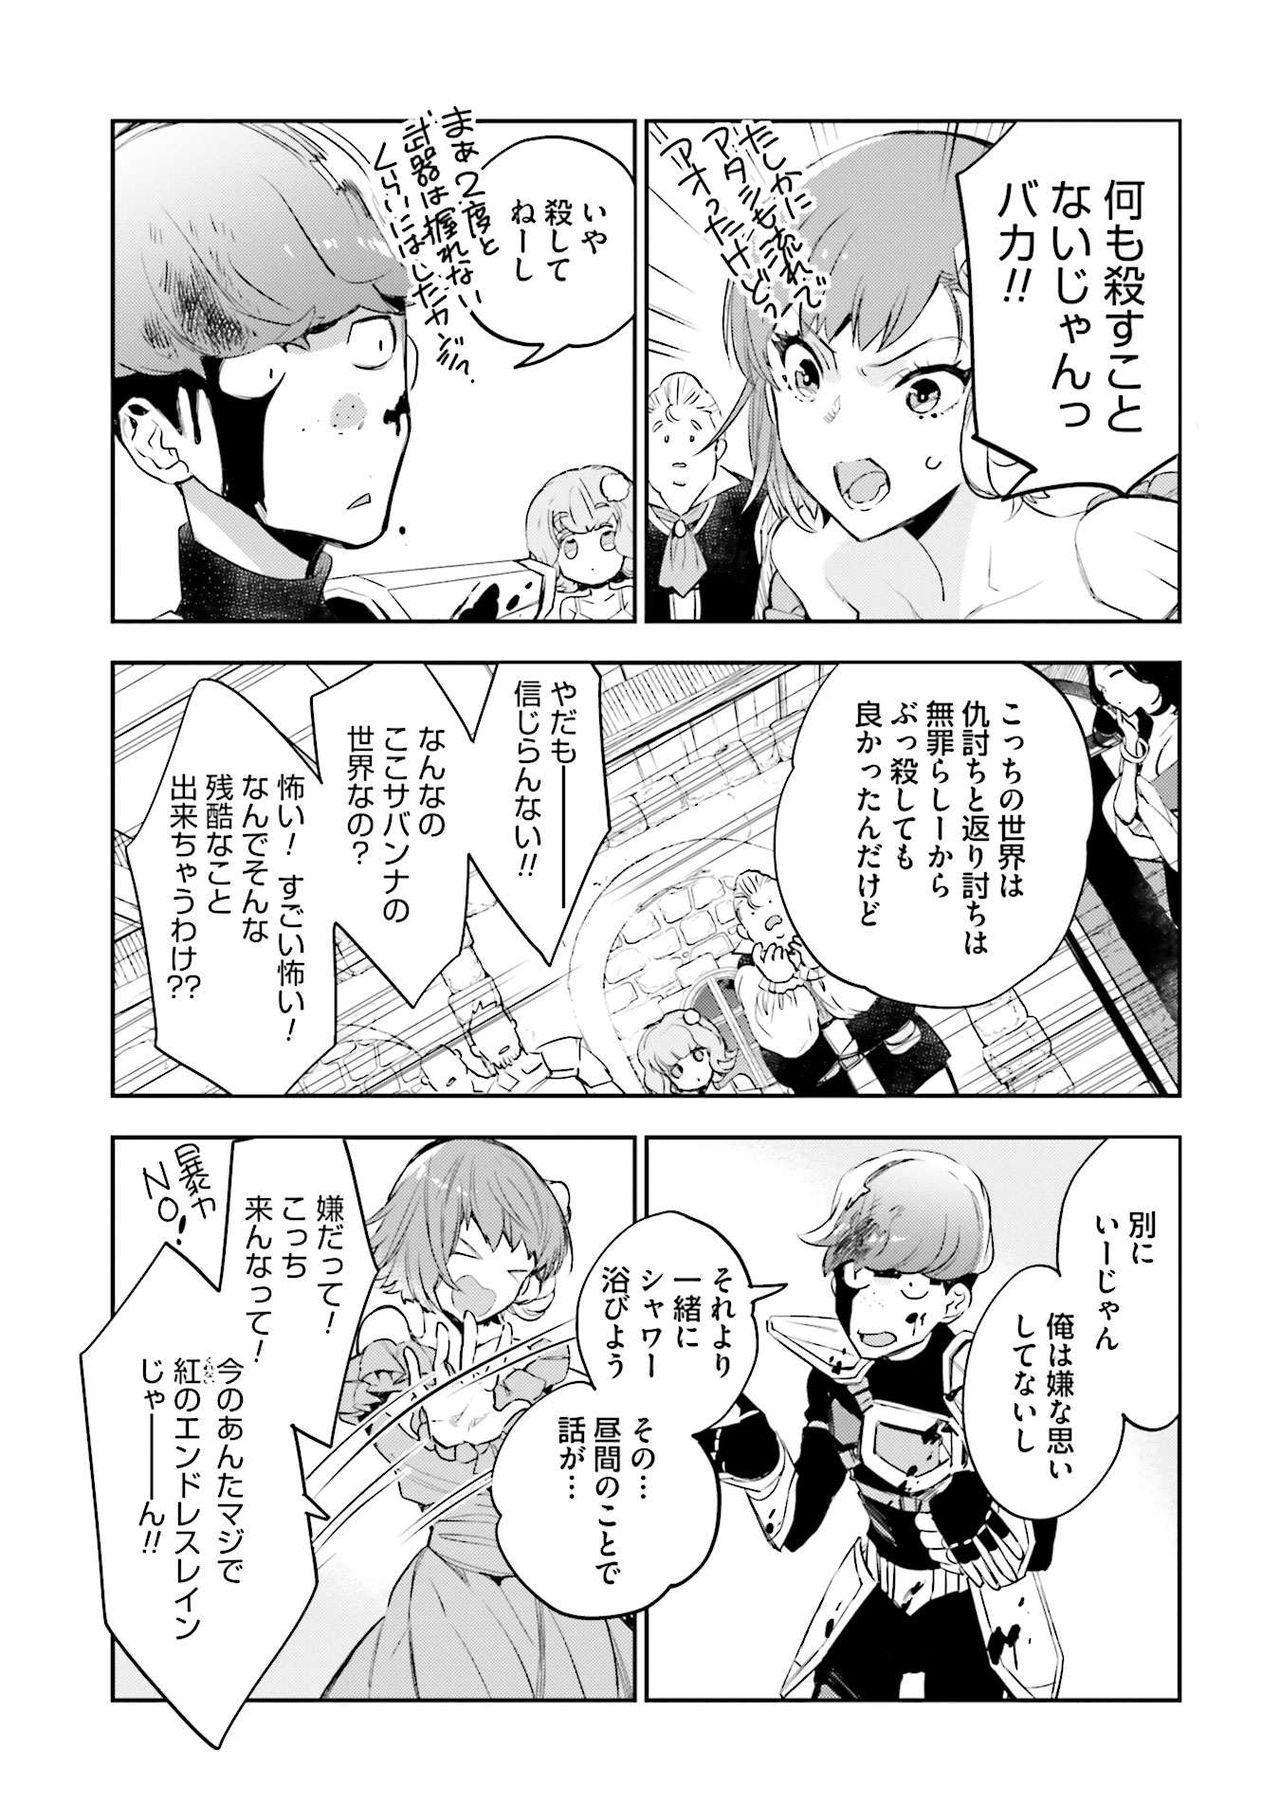 JK Haru wa Isekai de Shoufu ni Natta 1-14 170